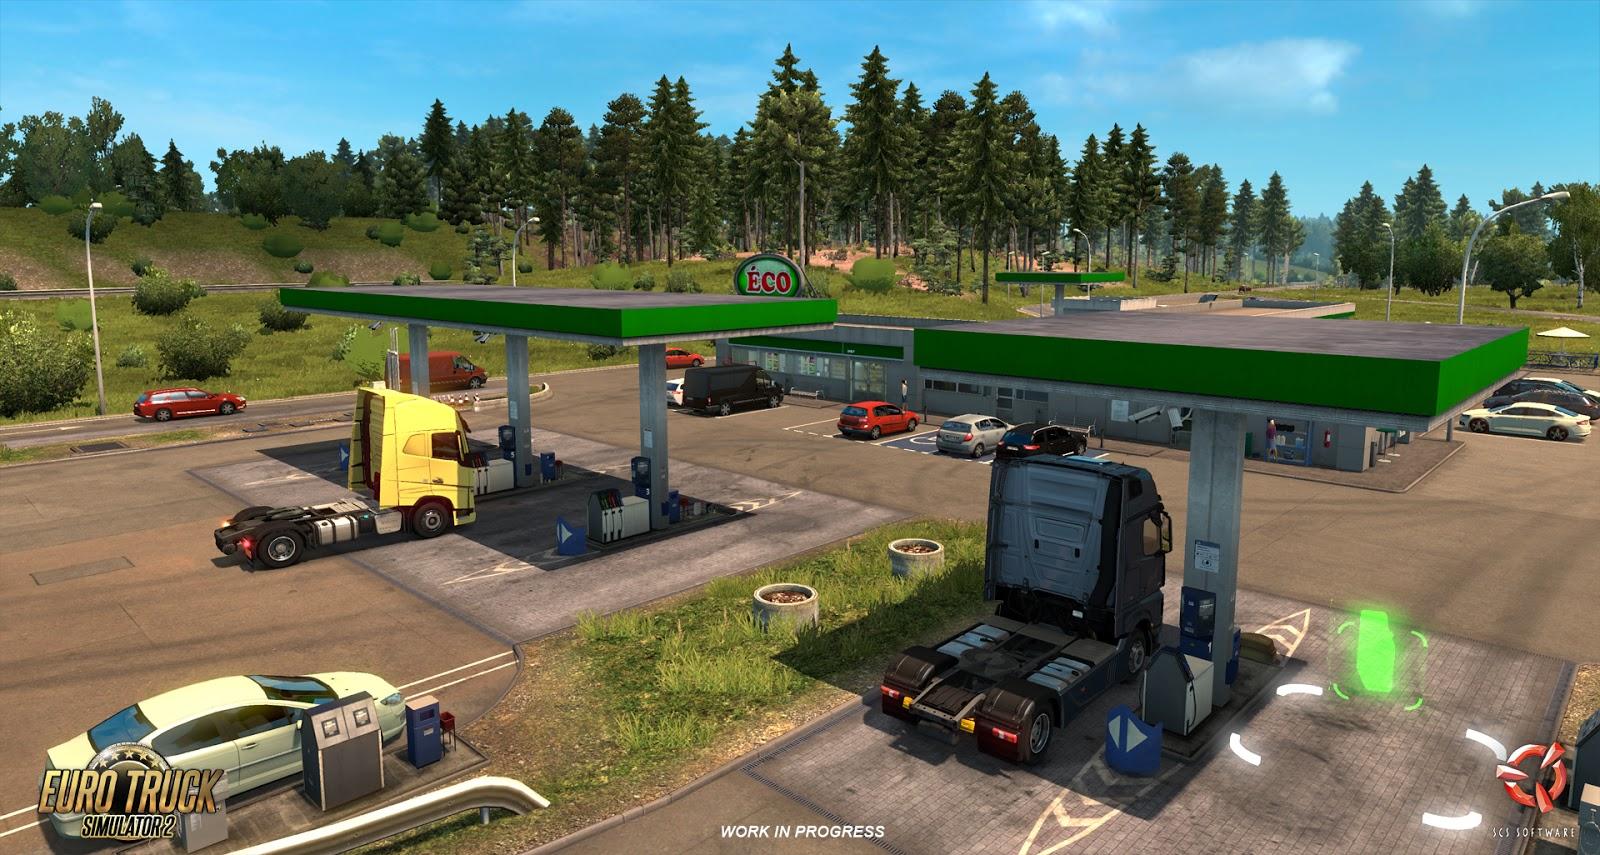 Druhá část rozhovoru s tvůrci American Truck Simulatoru 120778